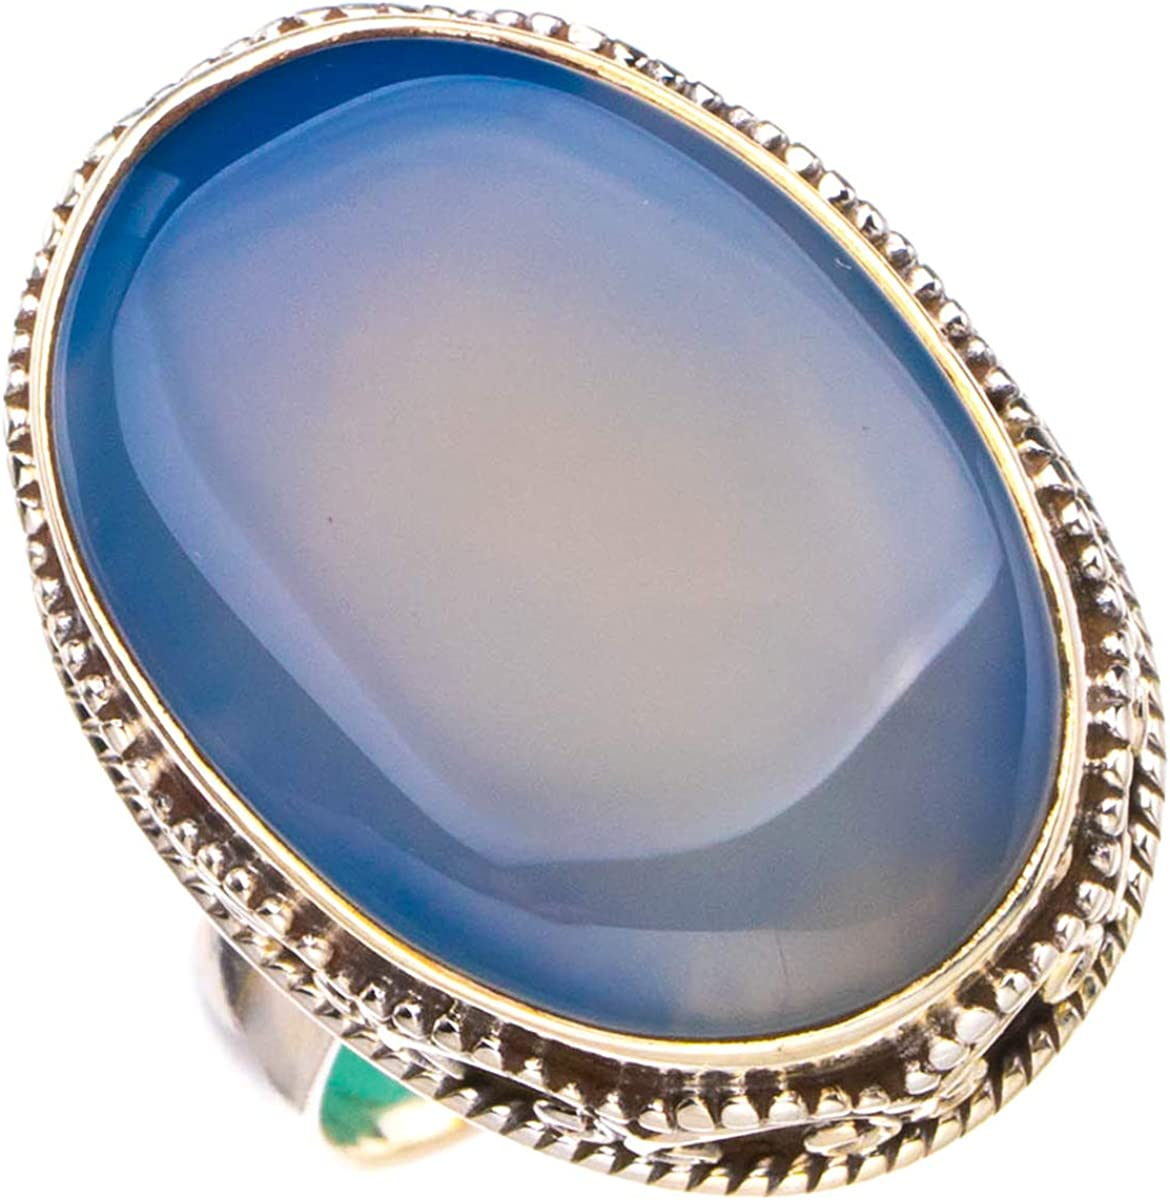 StarGems Anillo de calcedonia natural hecho a mano de plata de ley 925 P 1/2 D4203